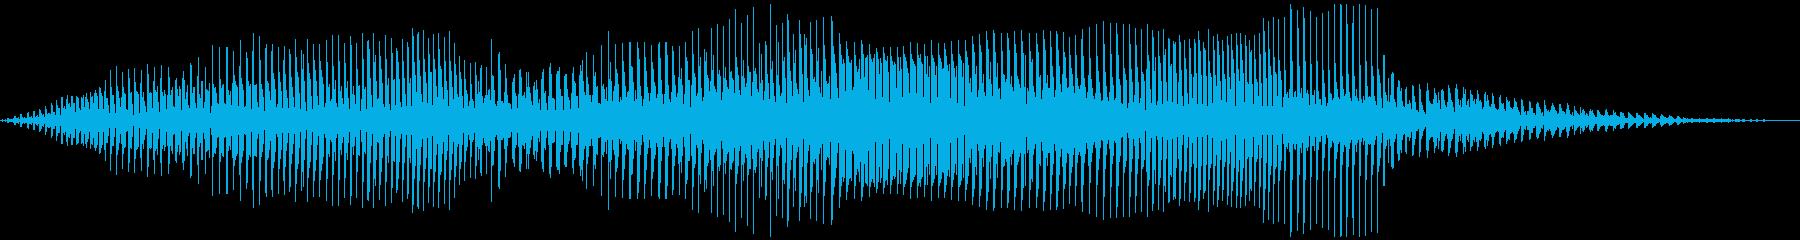 ダートゴーカートの運転の再生済みの波形